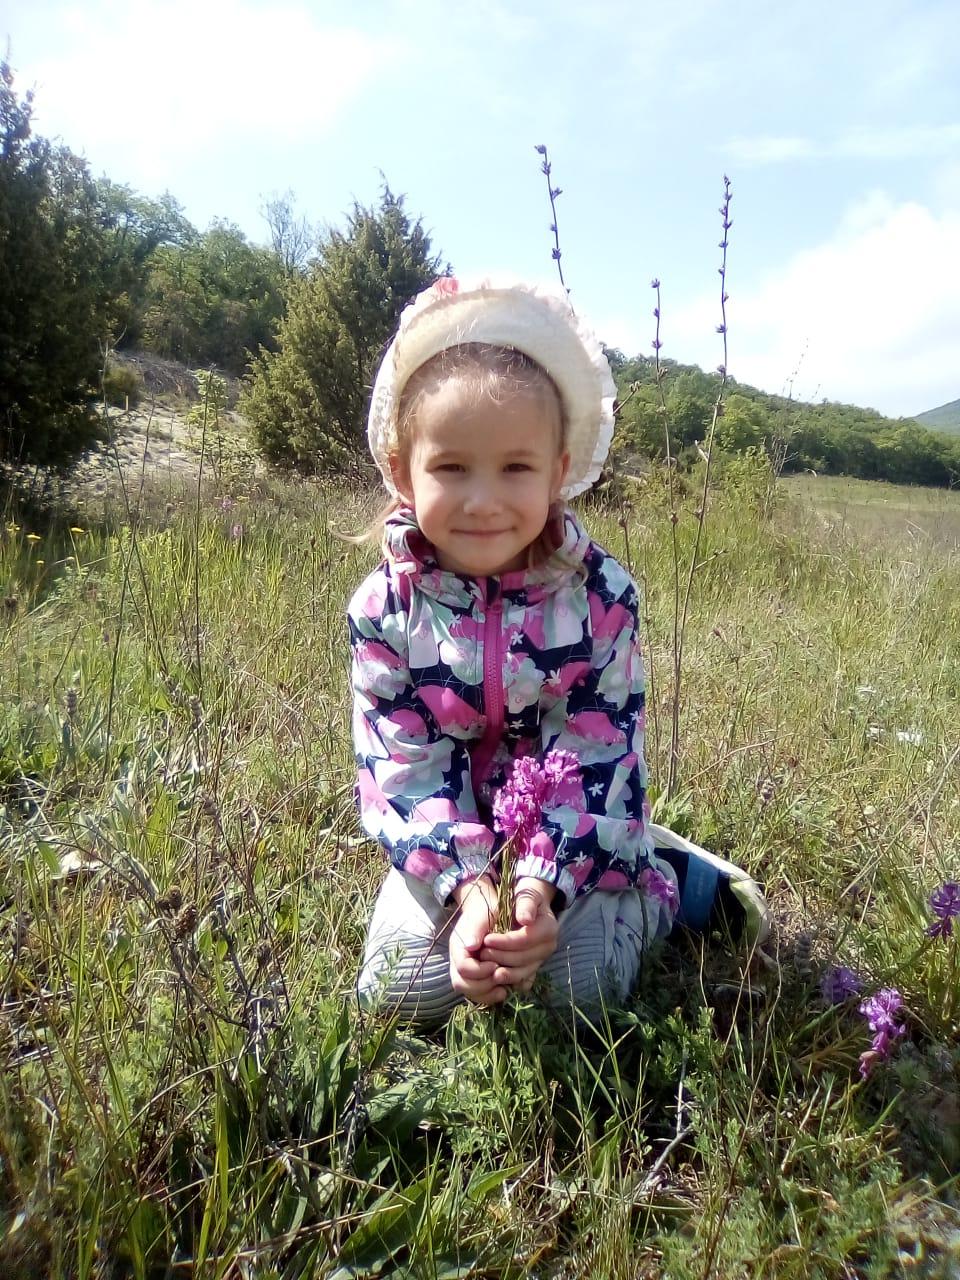 Вокруг Новороссийска зацвели редкие орхидеи, занесенные в Красную книгу России и мира